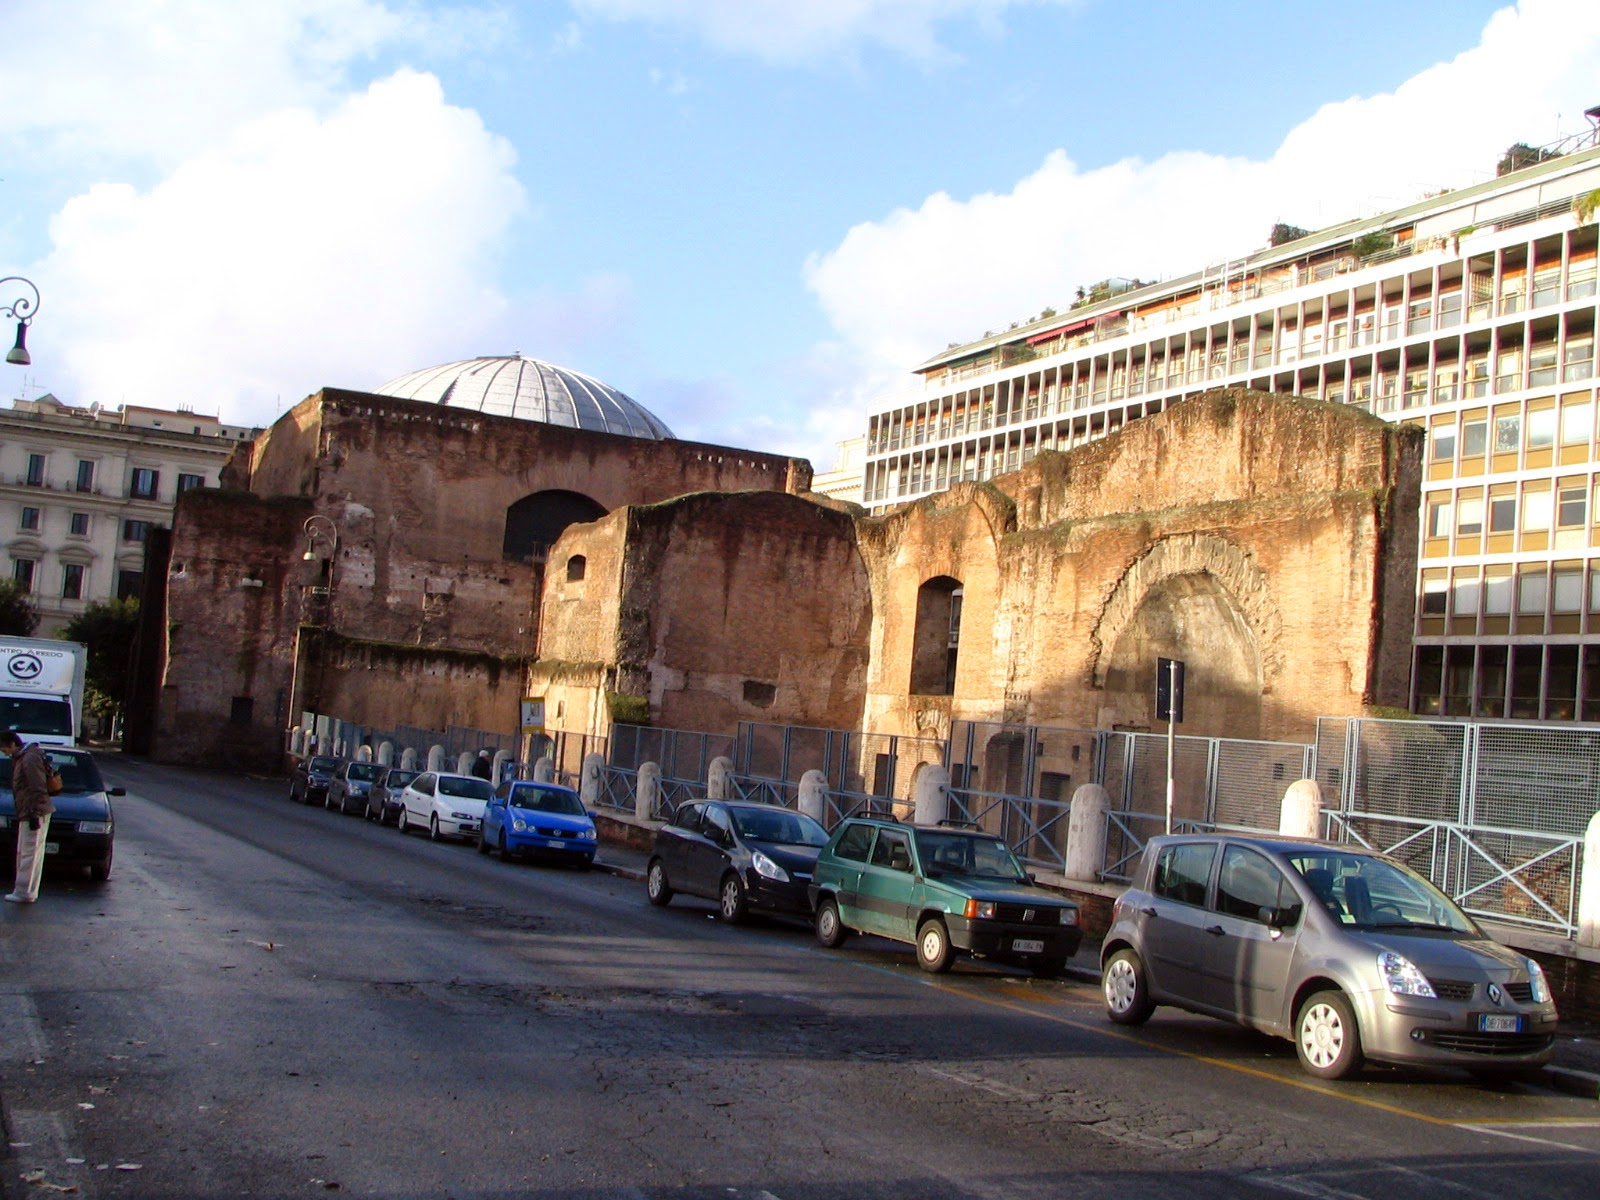 Roma, Termas de Diocleciano